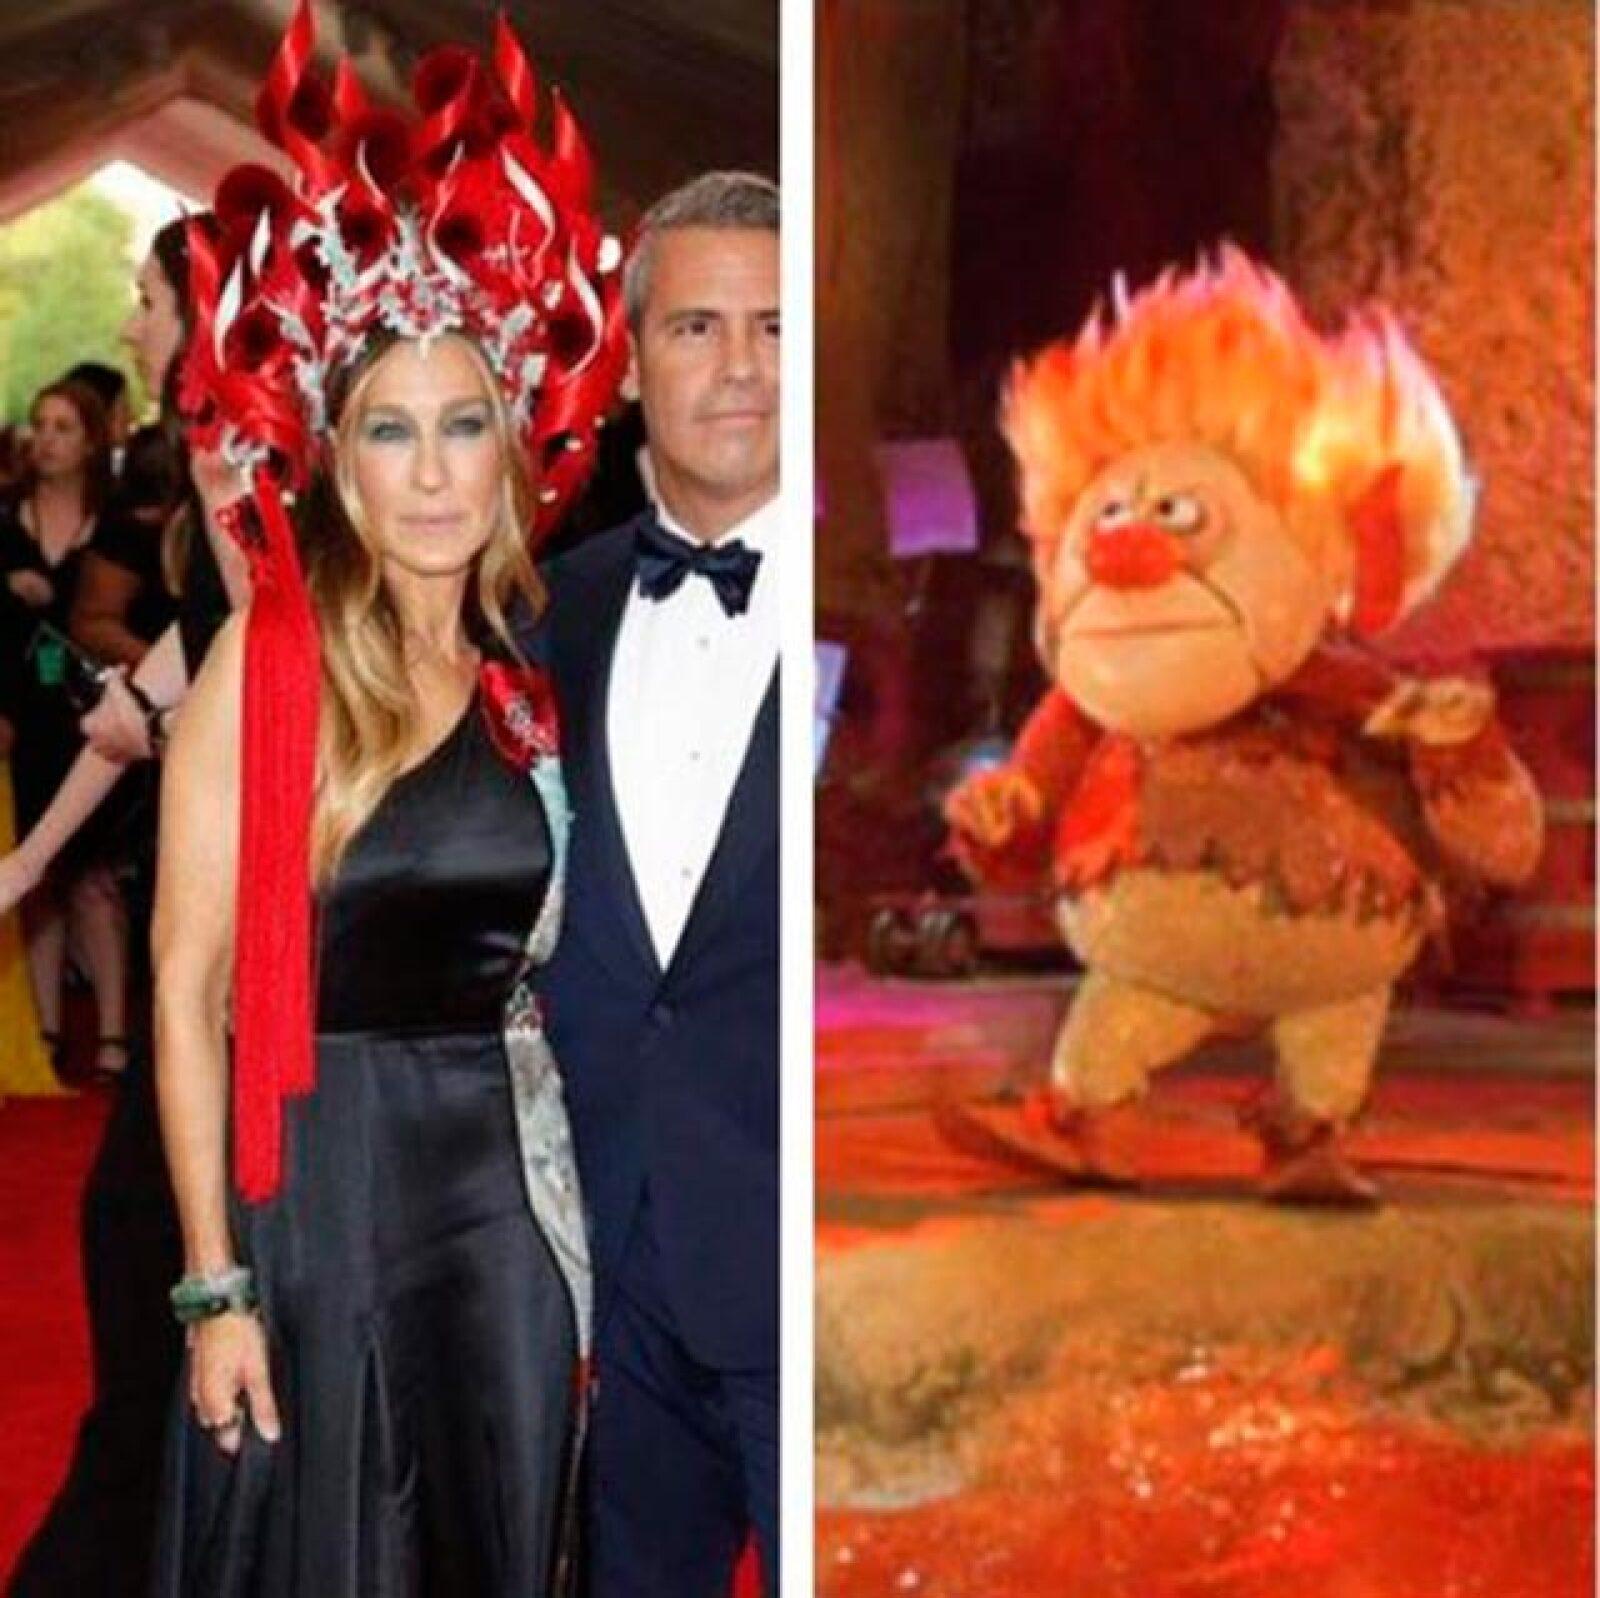 El vistoso accesorio de la actriz también fue comparado con la alborotada melena de Heat Miser.